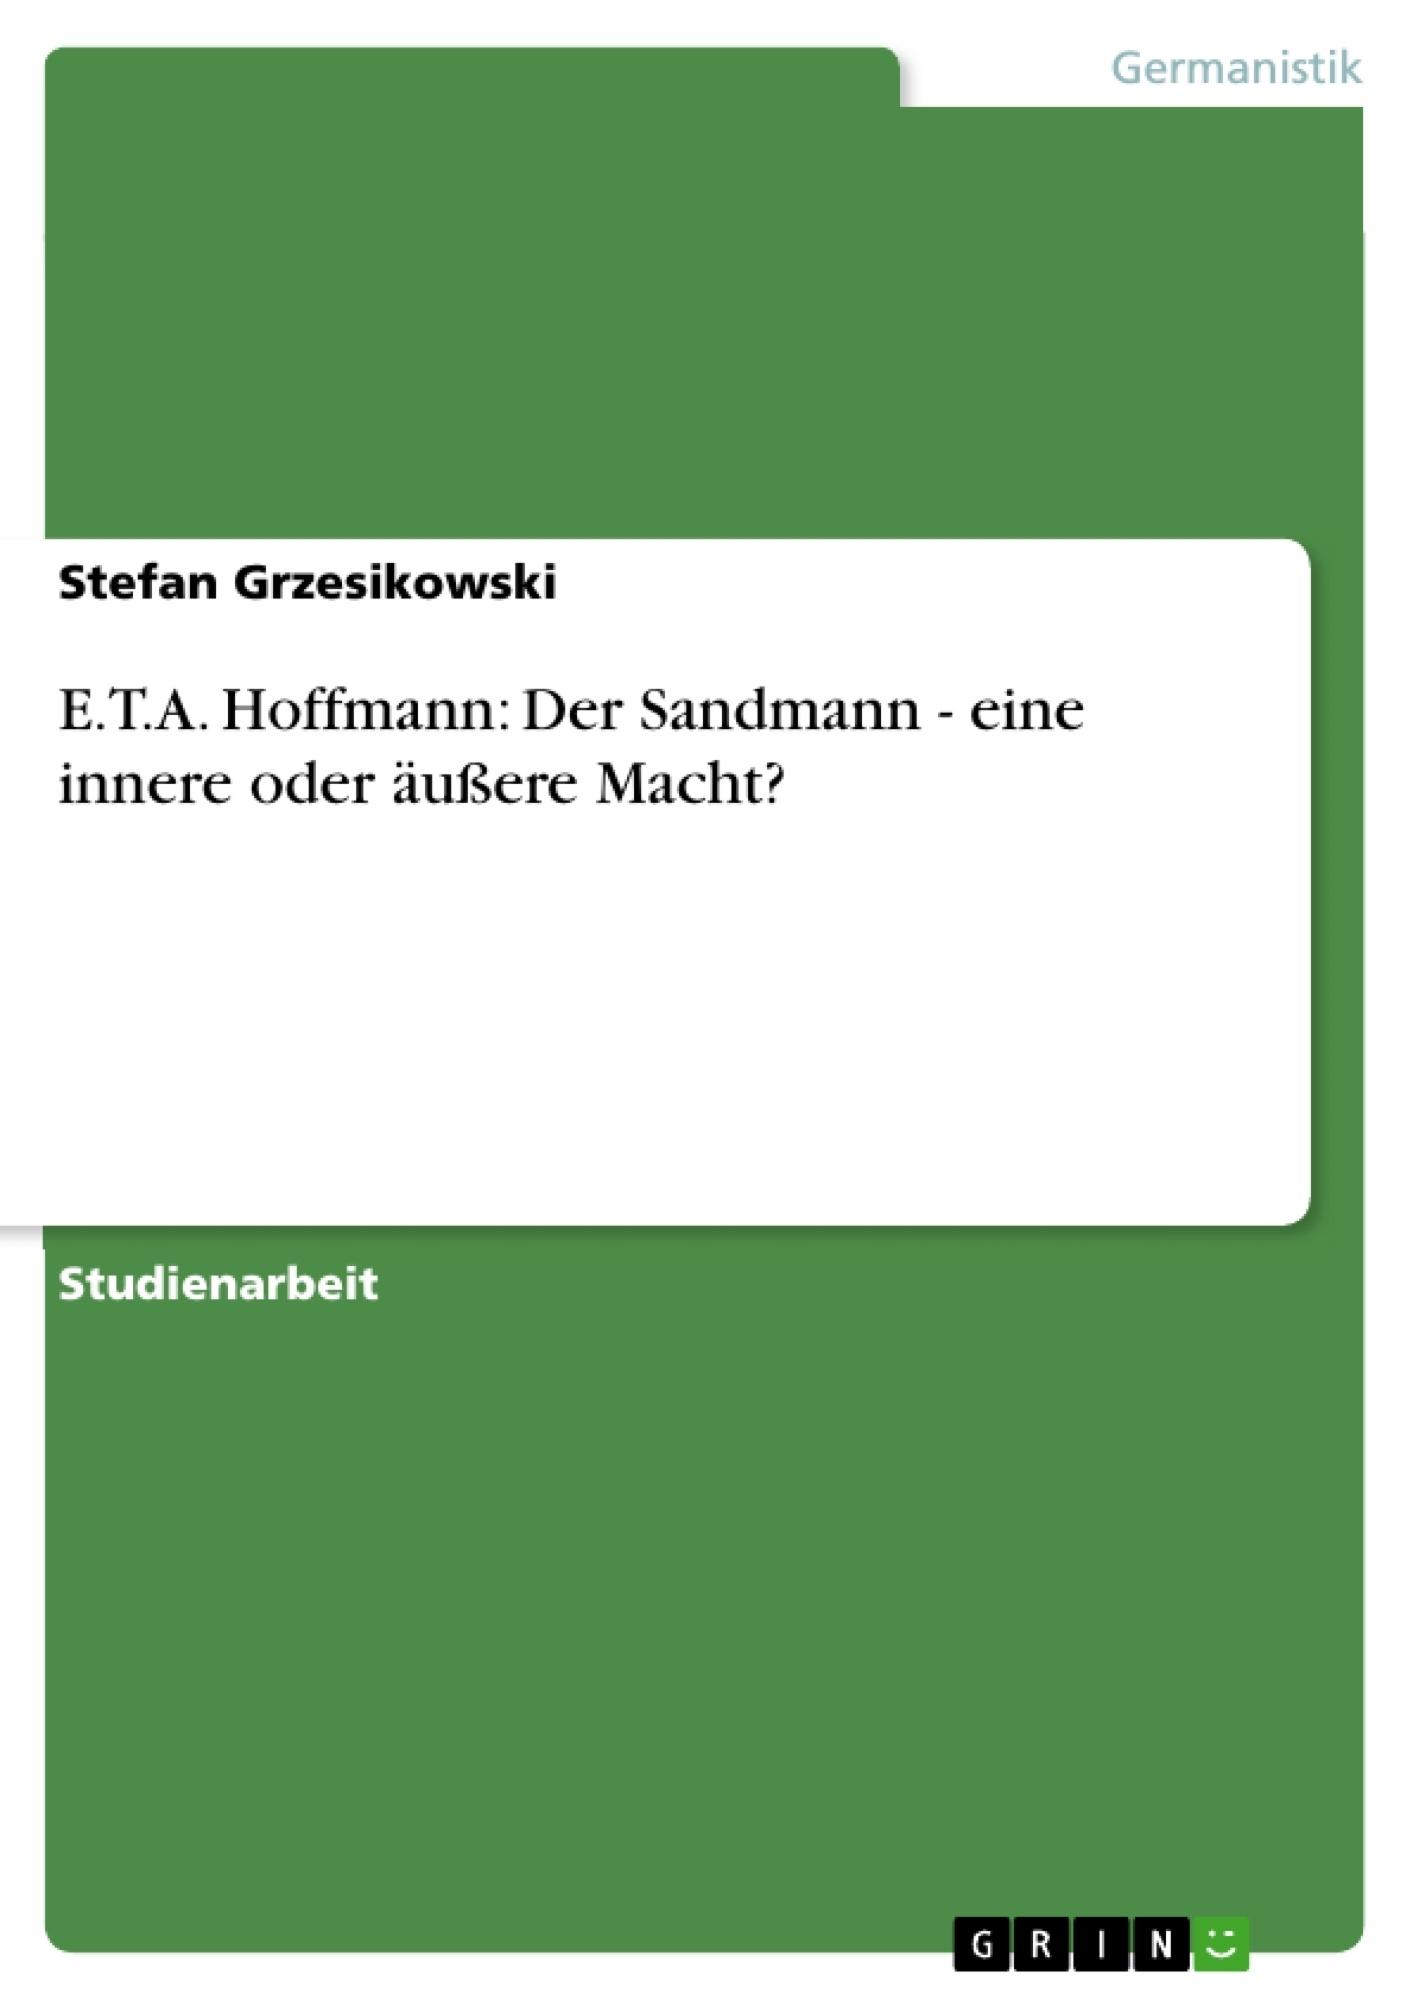 Titel: E.T.A. Hoffmann: Der Sandmann - eine innere oder äußere Macht?